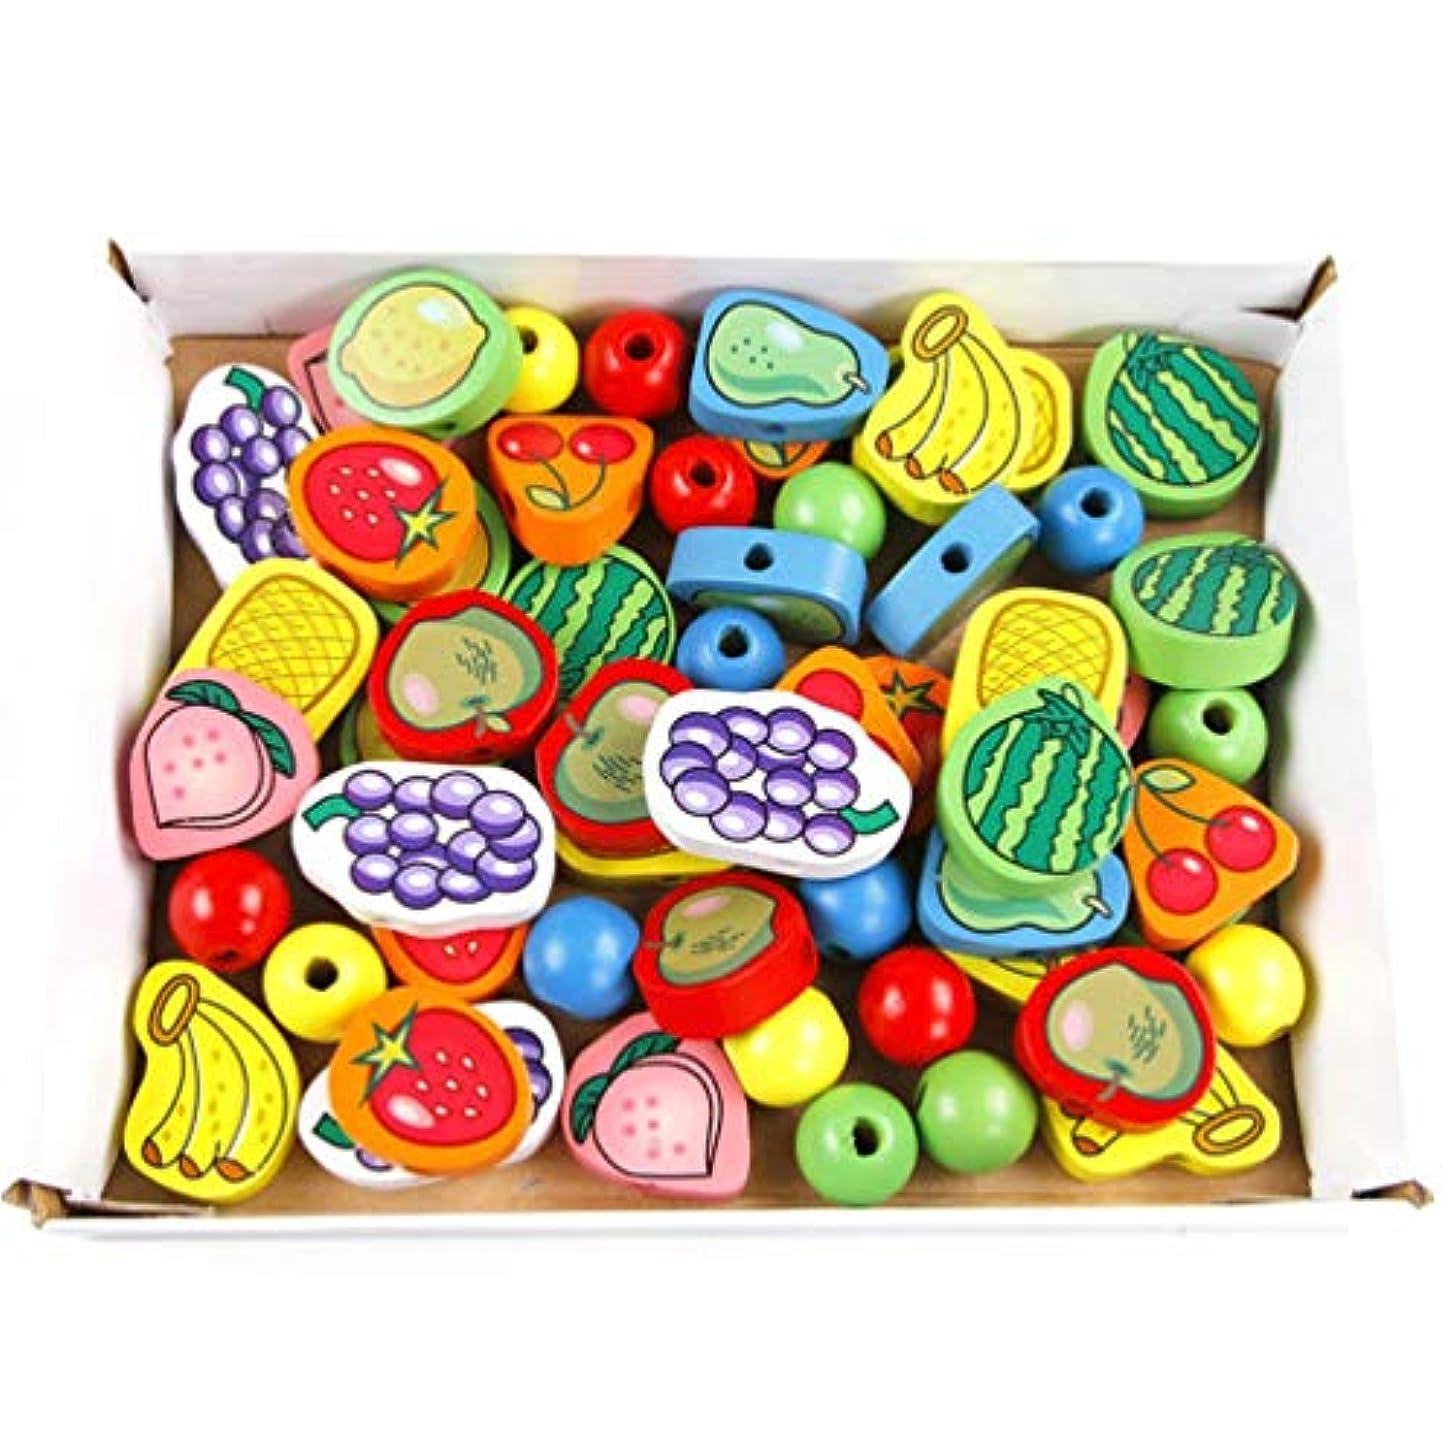 リダクター提供ファンタジーHealifty 56ピースビーズおもちゃ木製ビーズ旅行ゲーム早期学習教育ストリングフルーツビーズdiyおもちゃ用キッズ子供幼児